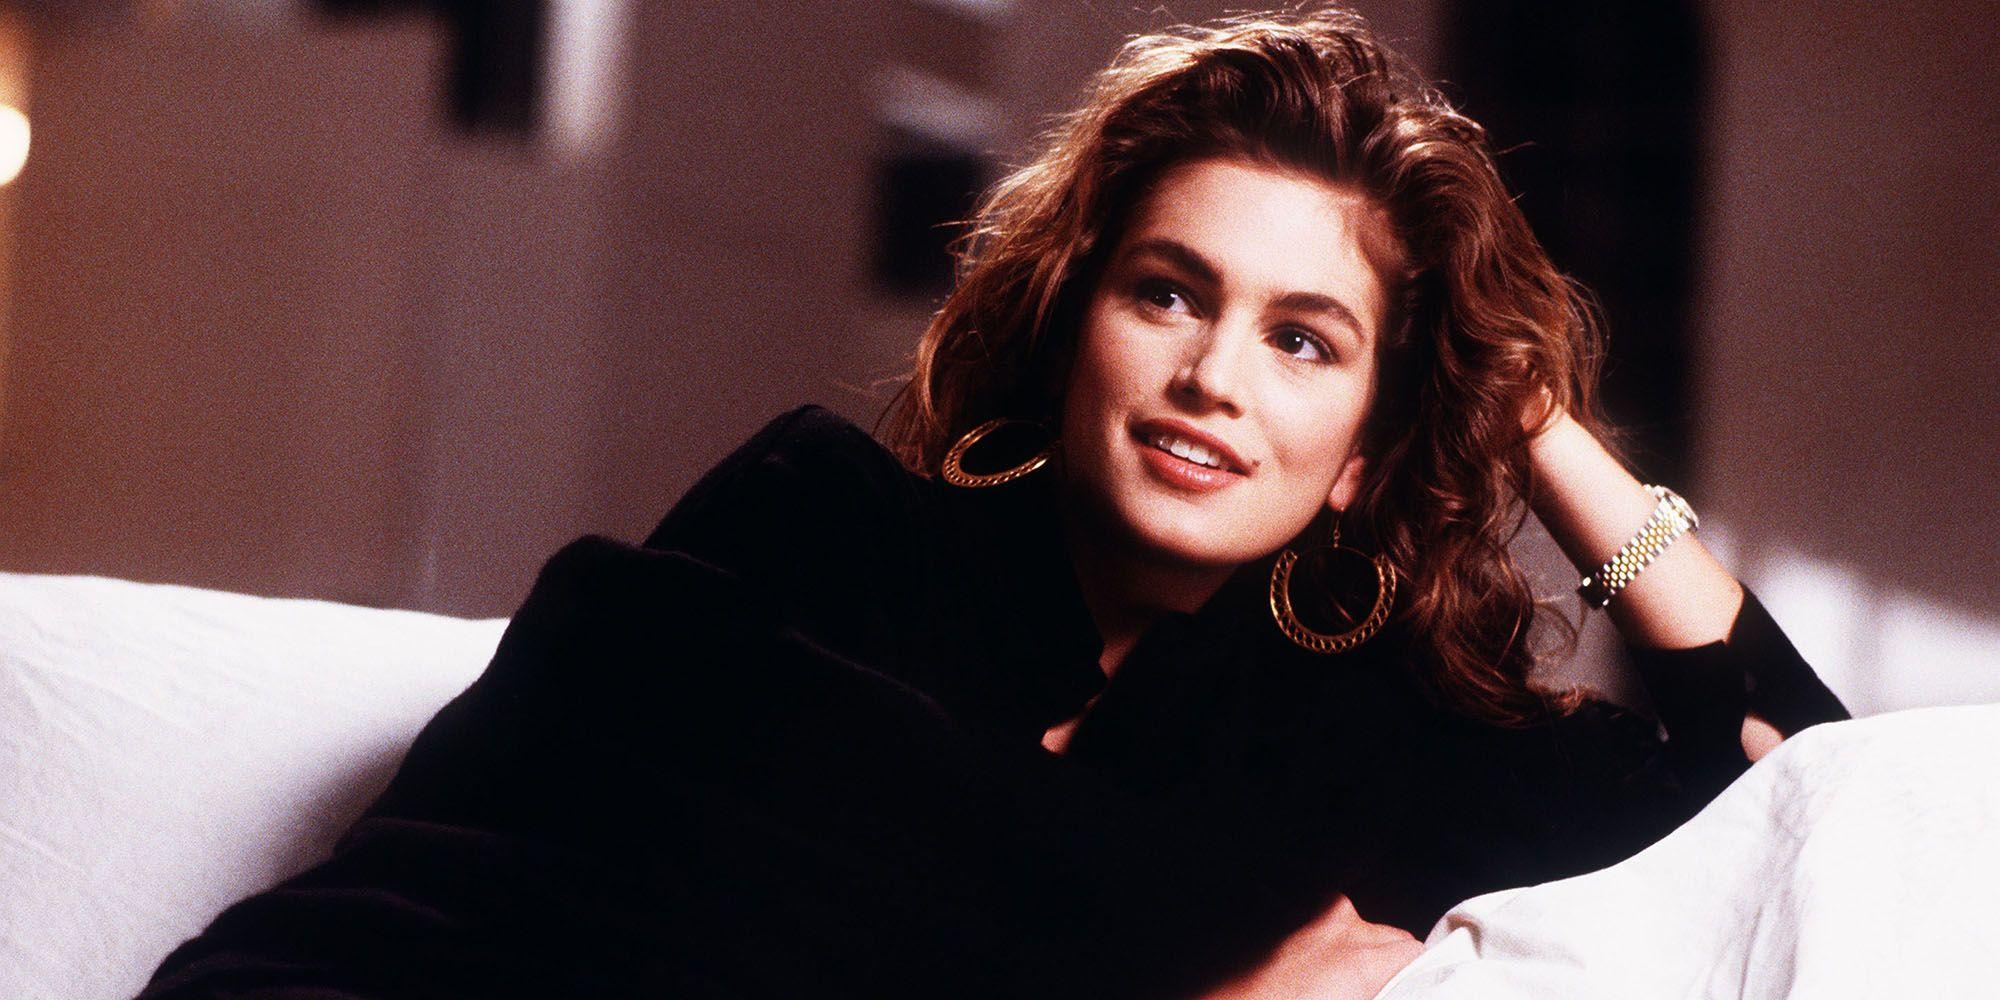 người mẫu thời trang cindy crawford trong những năm 1990